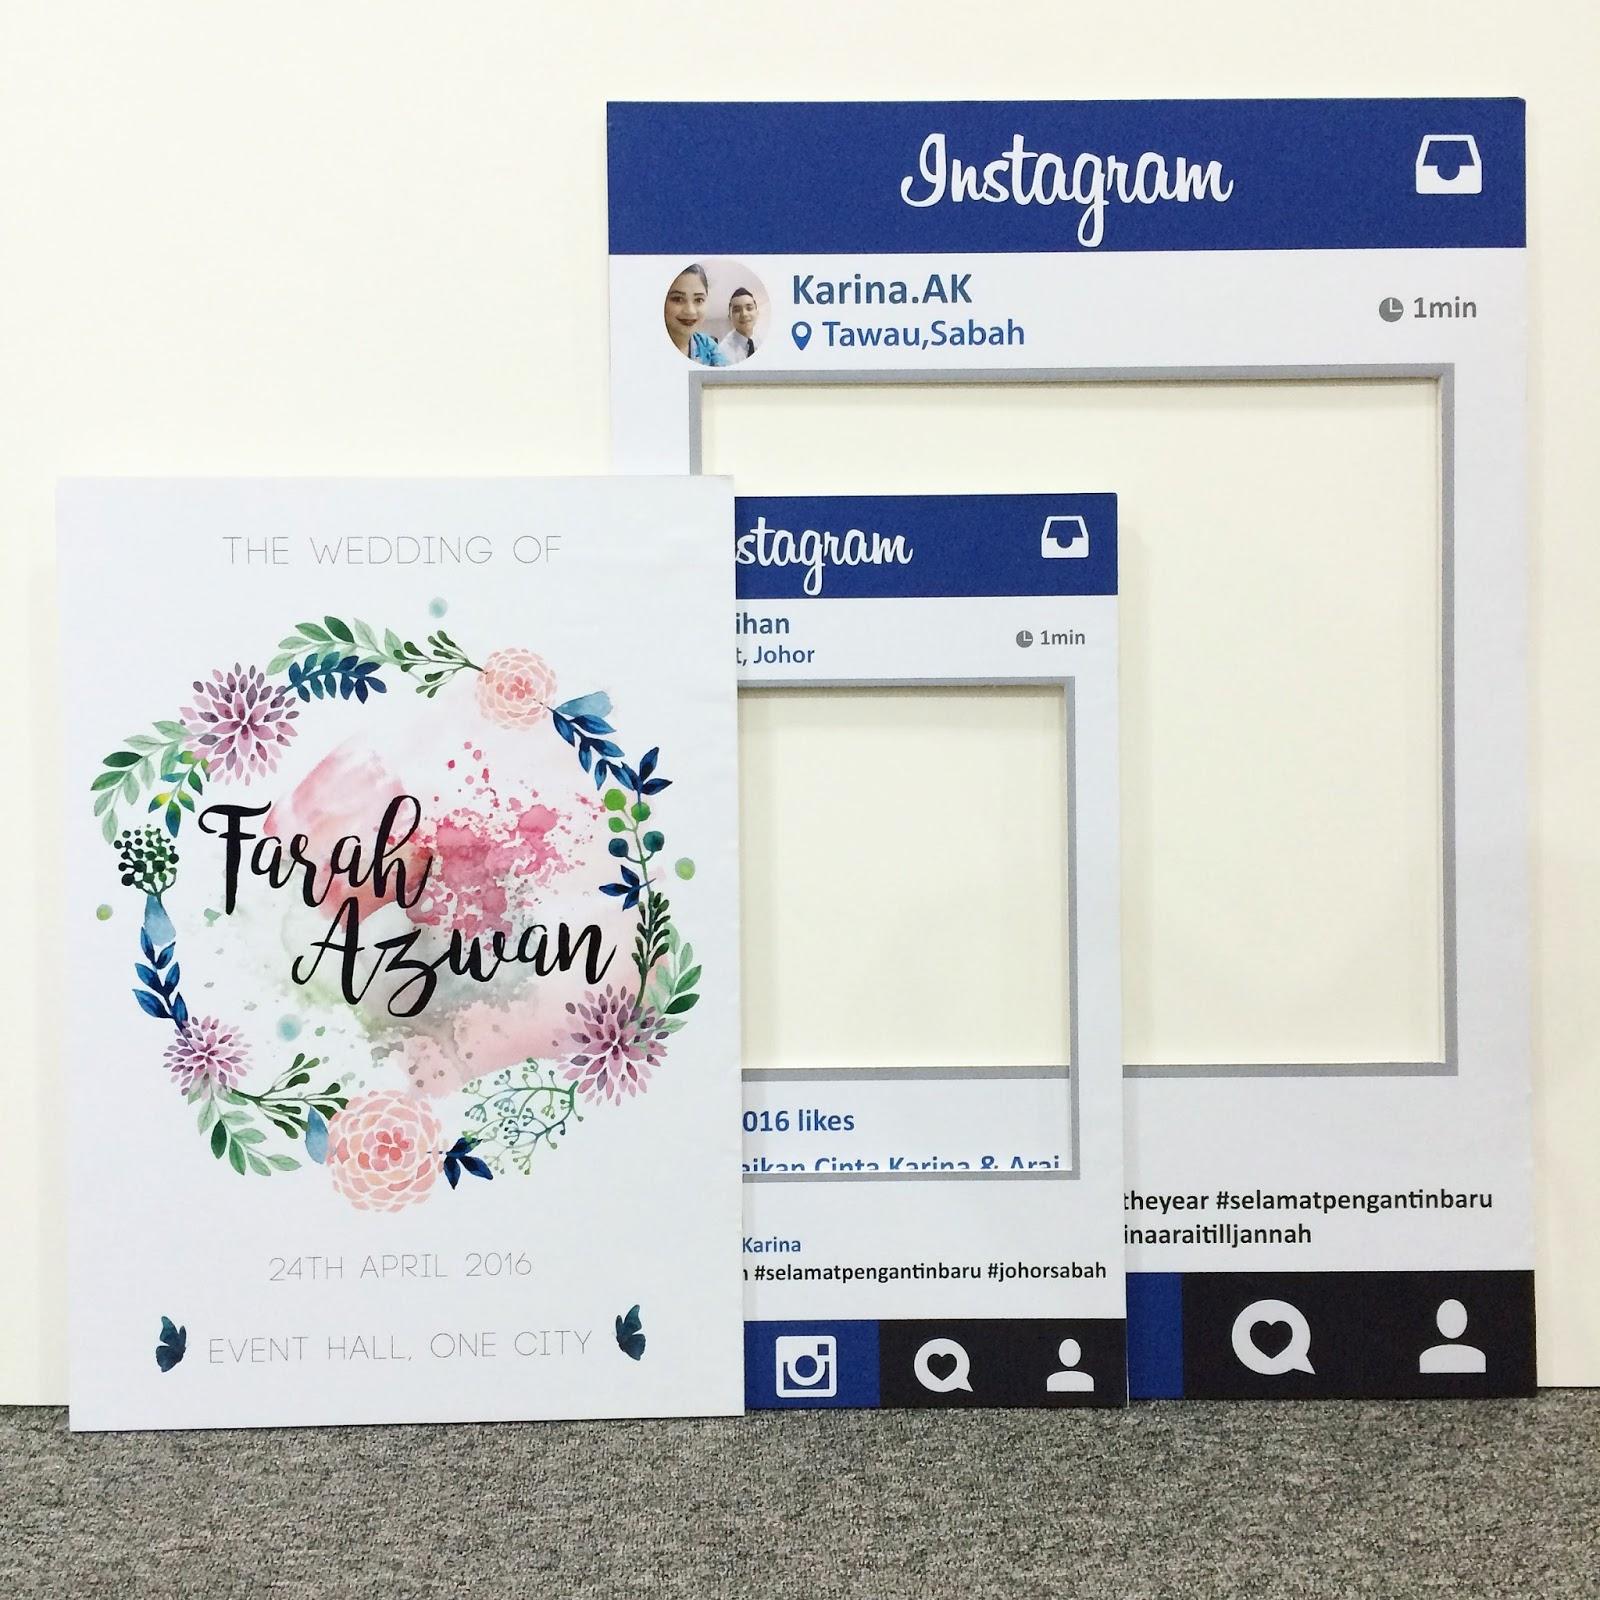 Ideasbyfarah: Instagram Frame Props